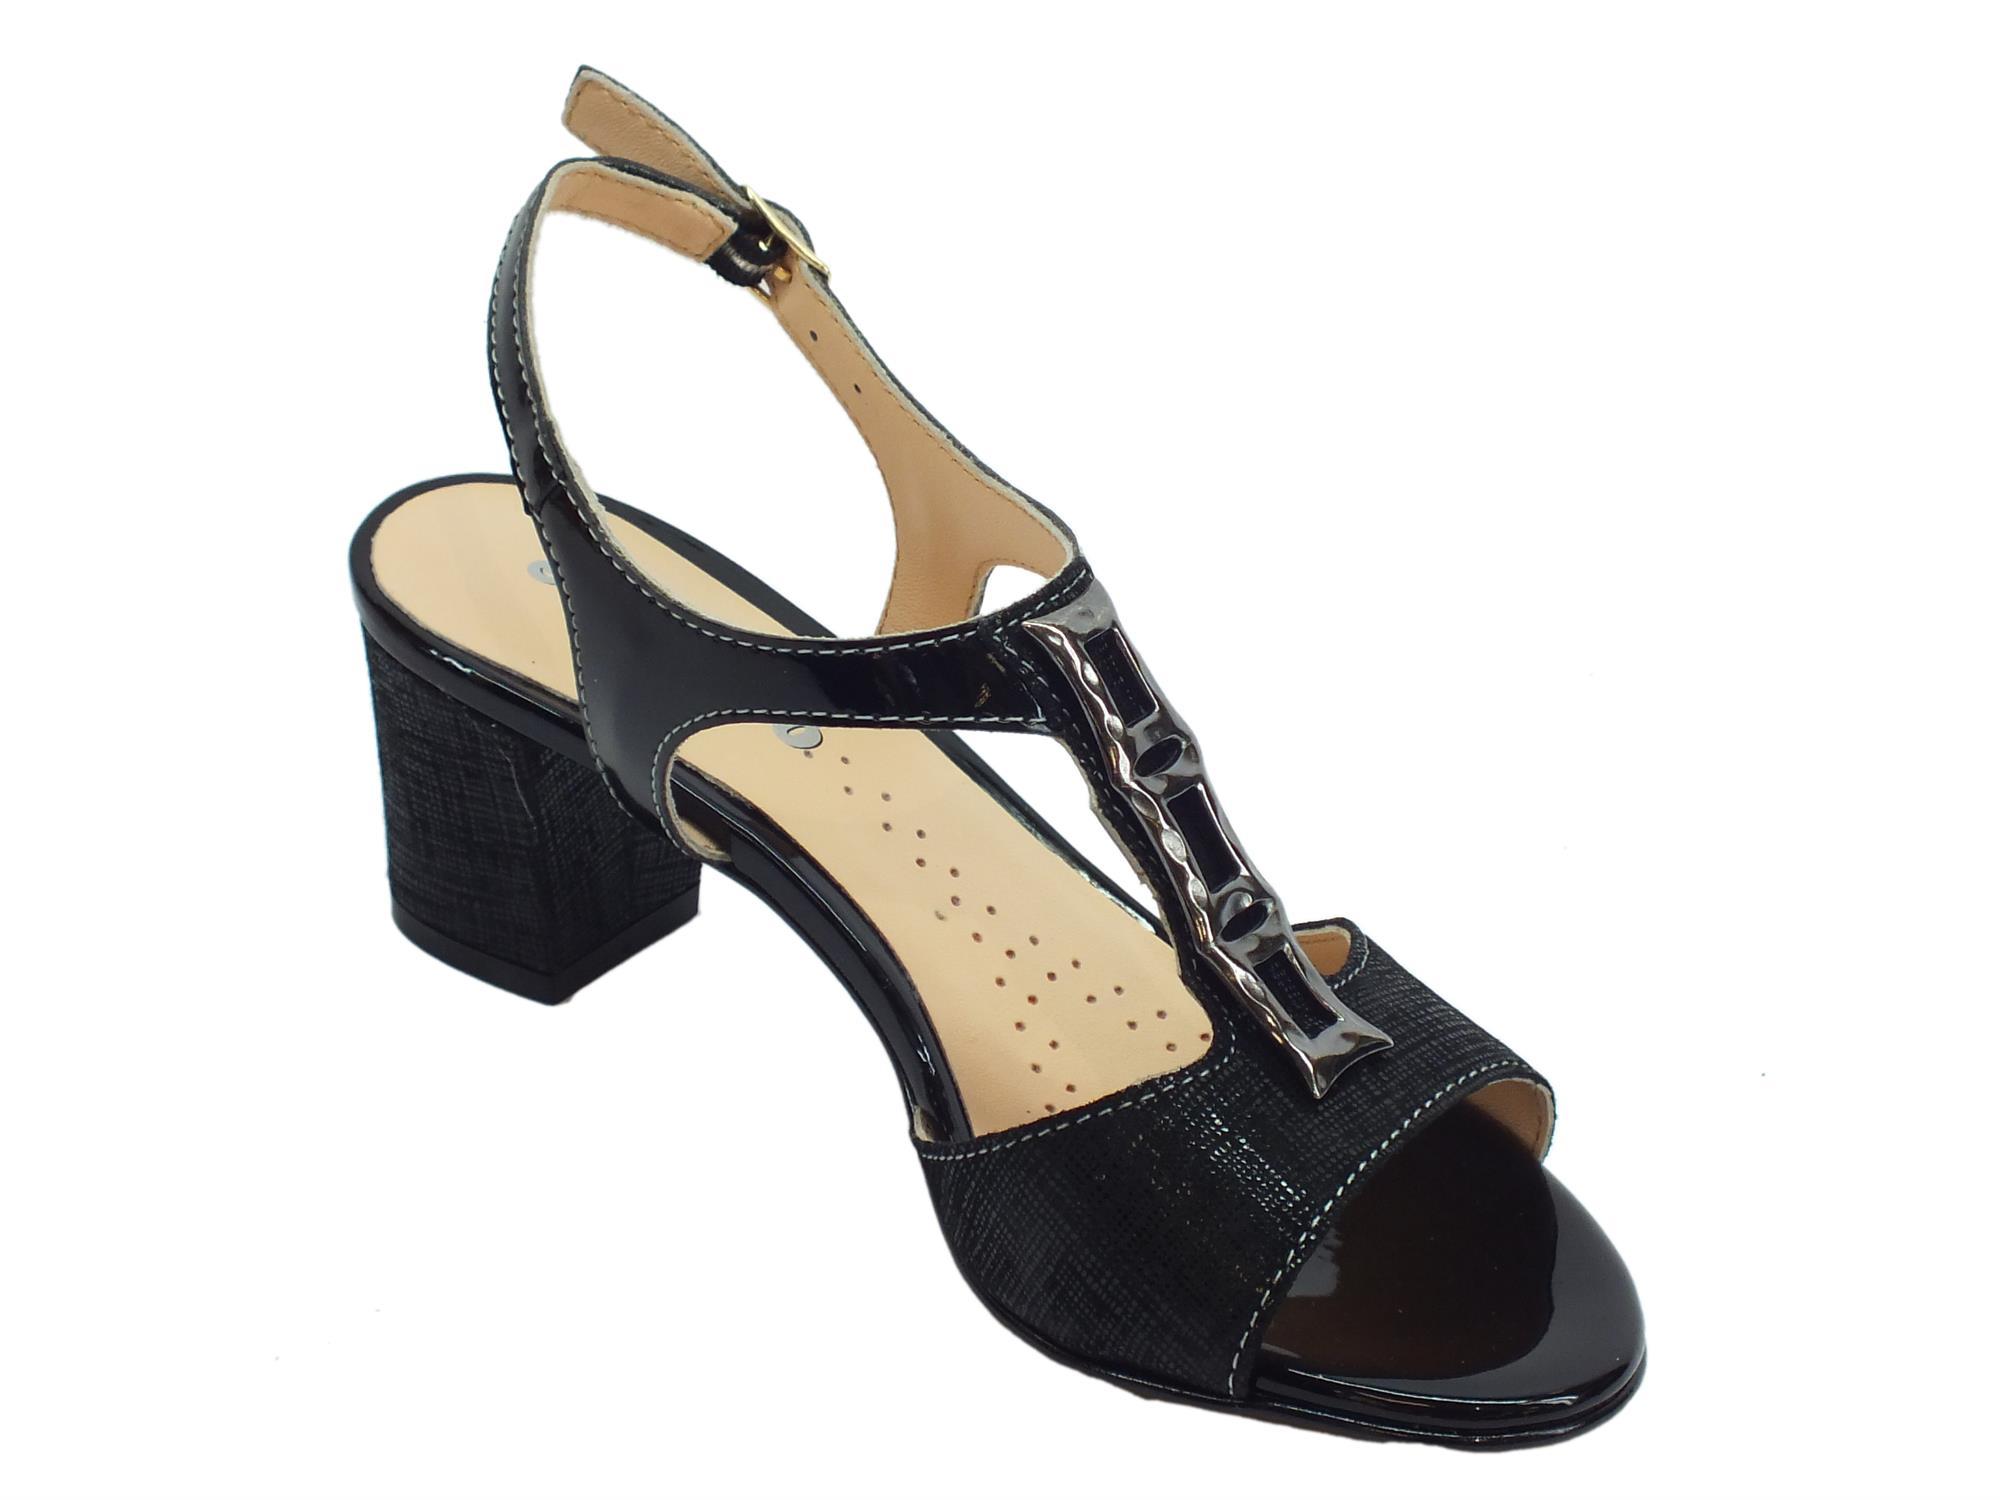 6d433b136b70f Sandali donna Melluso pelle satinata nera tacco 6cm - Vitiello Calzature